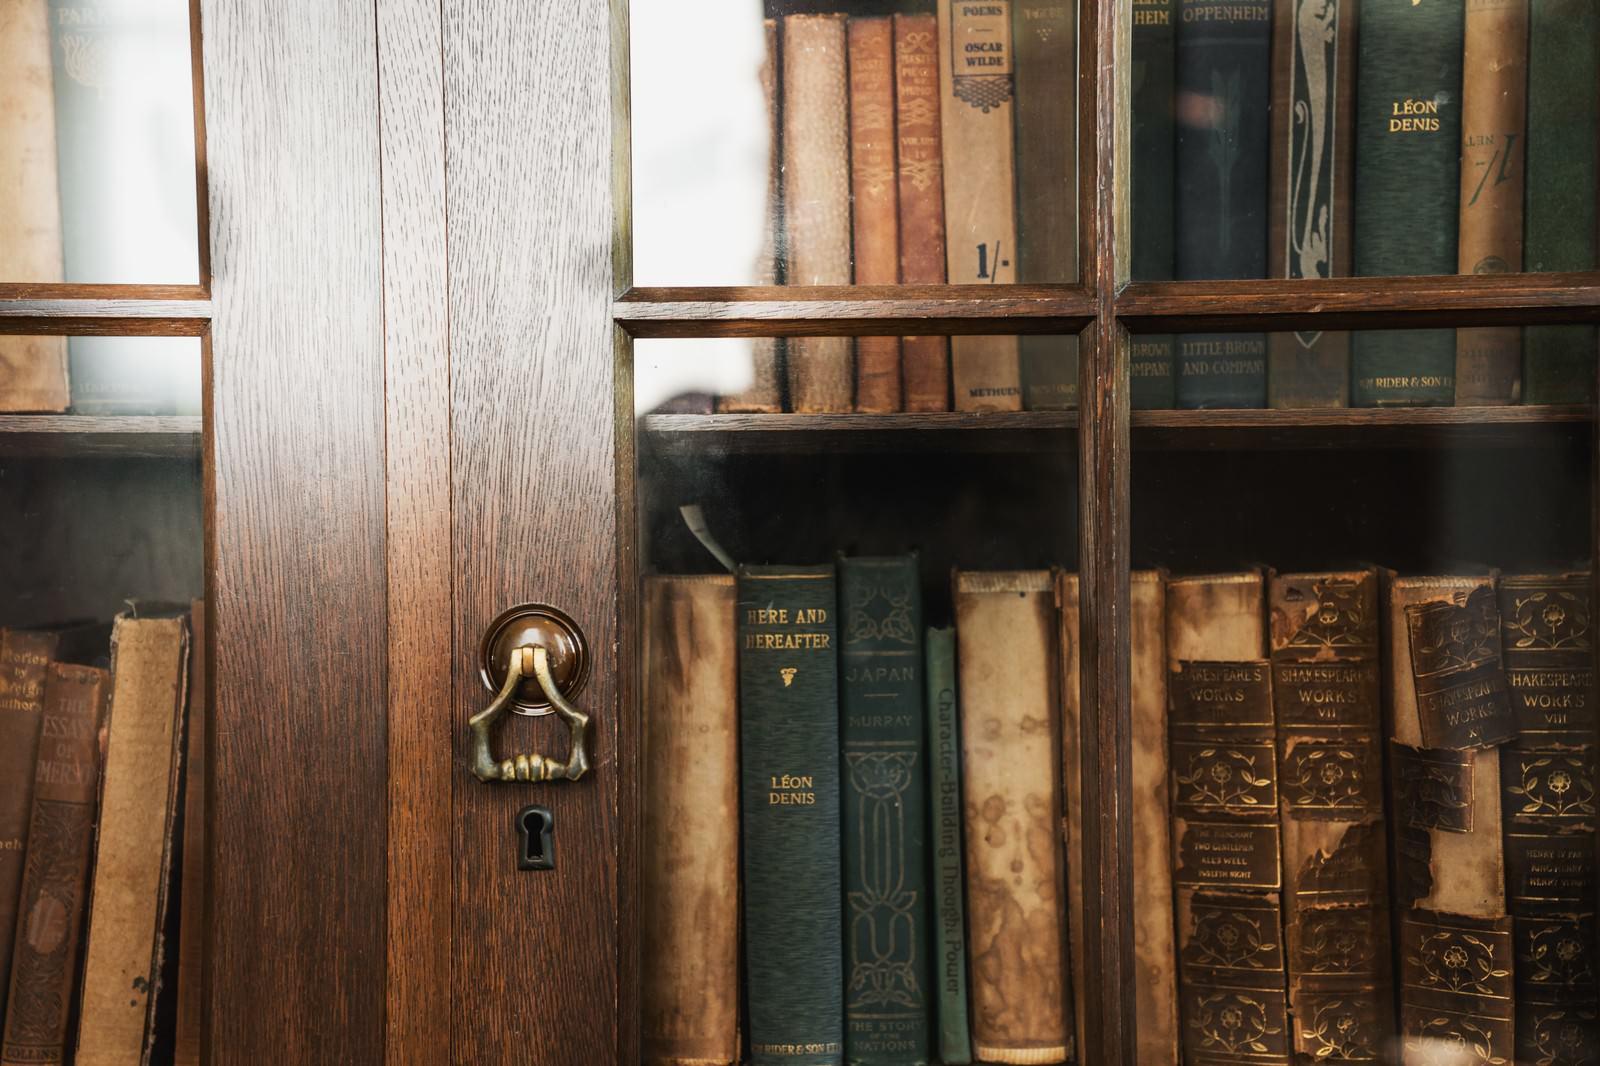 「洋書が入った本棚洋書が入った本棚」のフリー写真素材